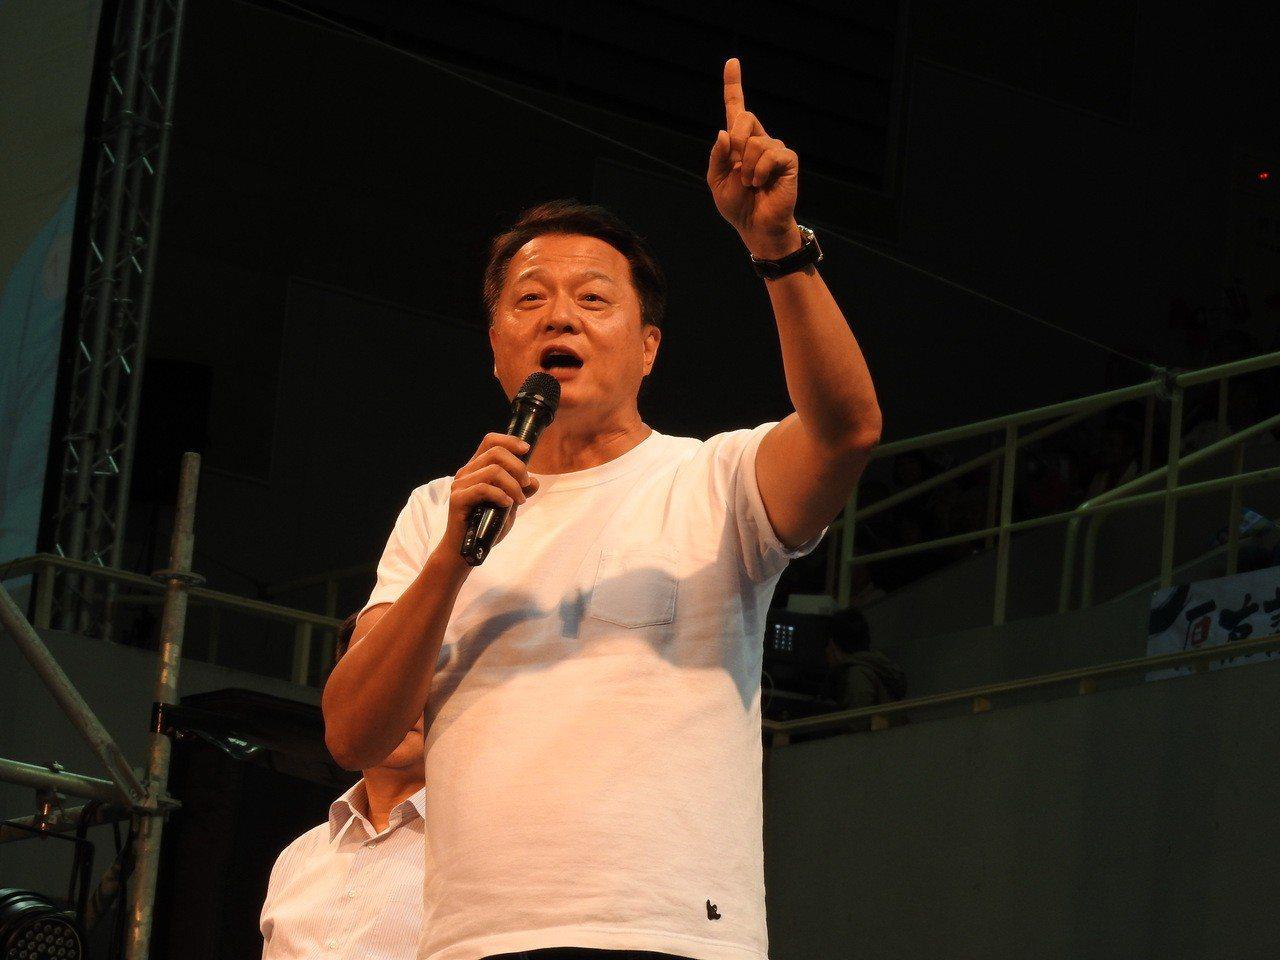 裕隆集團執行長嚴凱泰今天病逝,前台北縣長周錫瑋也在臉書貼文表達不捨,表示嚴凱泰是...